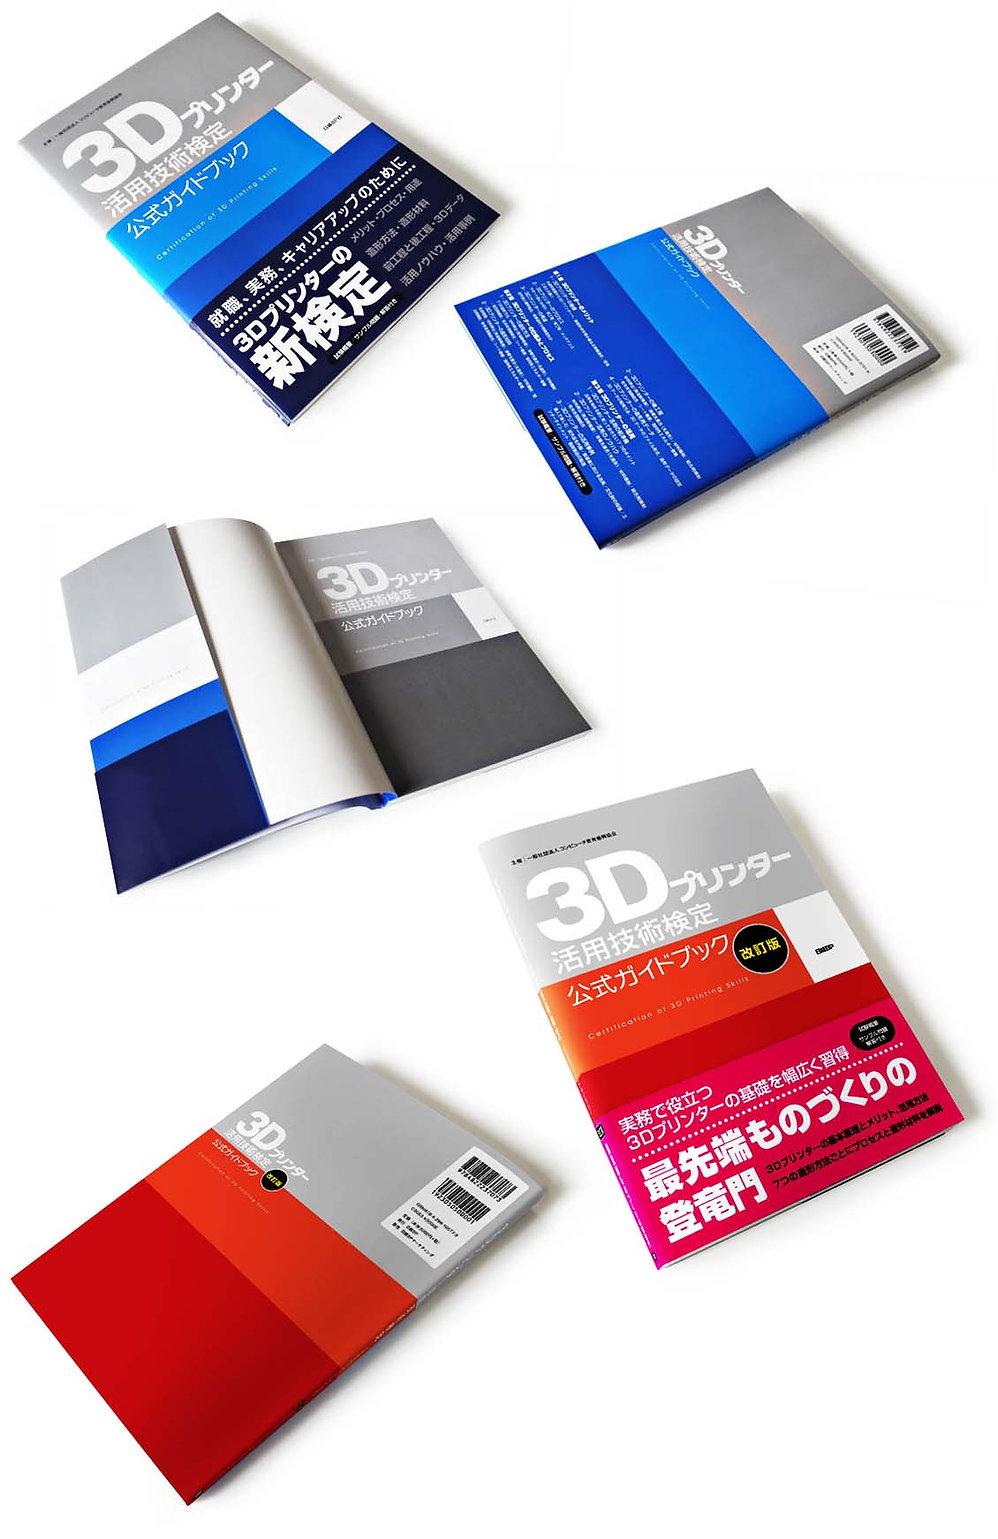 books_3dprintagaido2_more1-2-3-4-5.jpg